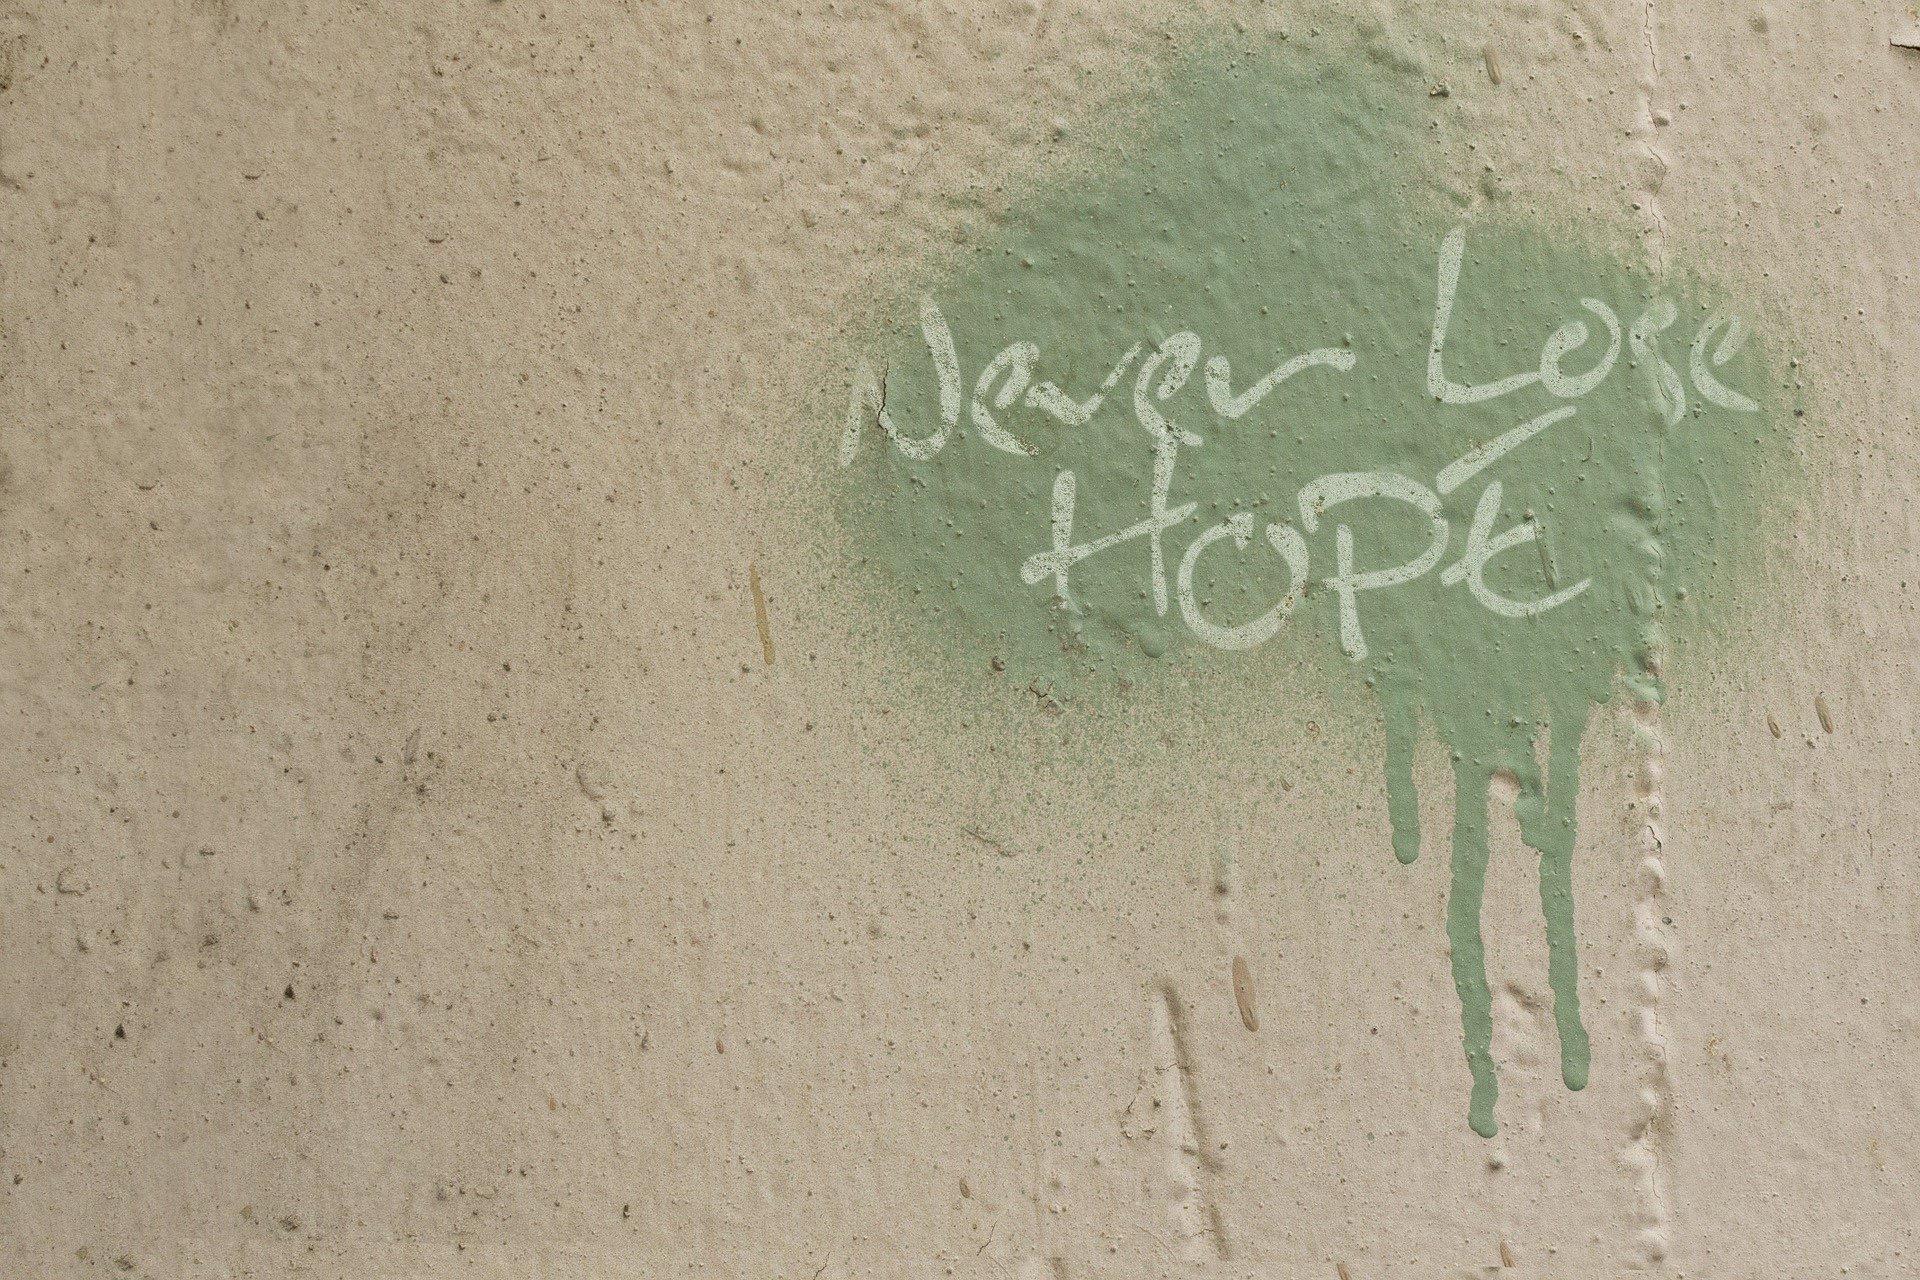 graffiti-1450798_1920